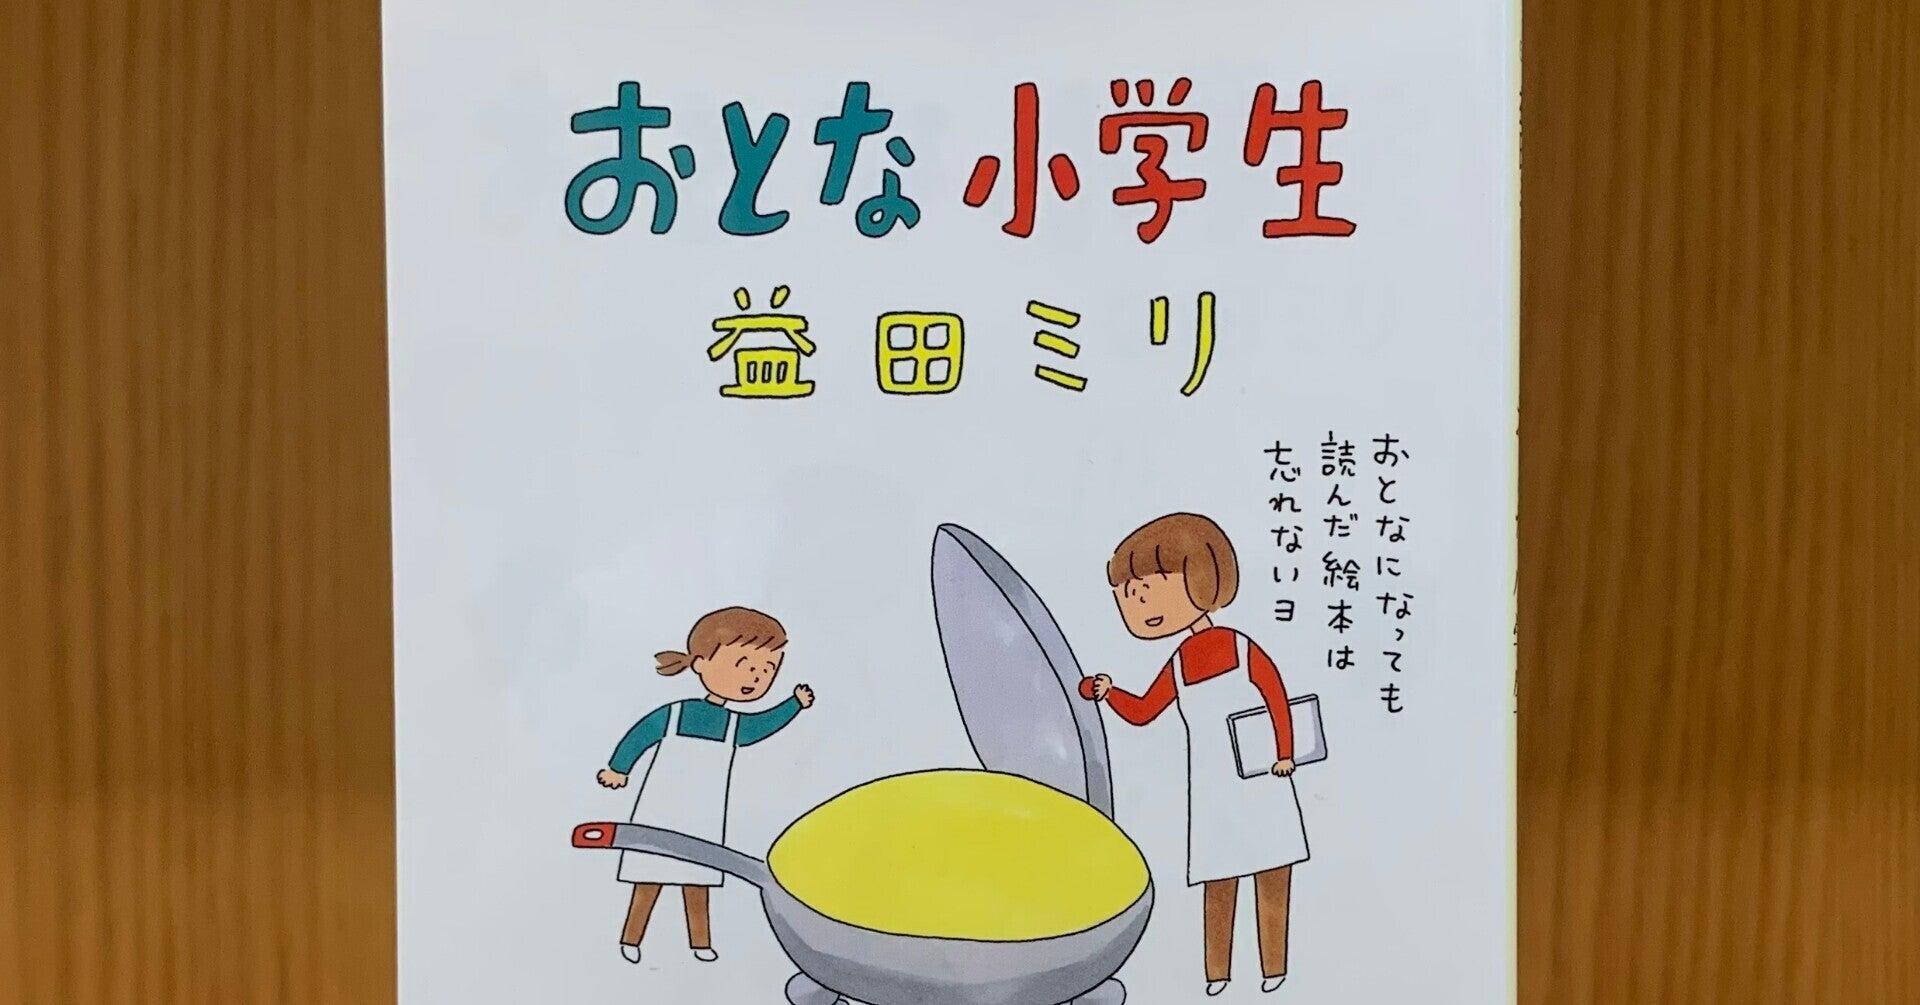 企画から編集・営業まで同時に行う「兼務」だからできた企画とは?~益田ミリさん『おとな小学生』新カバー~